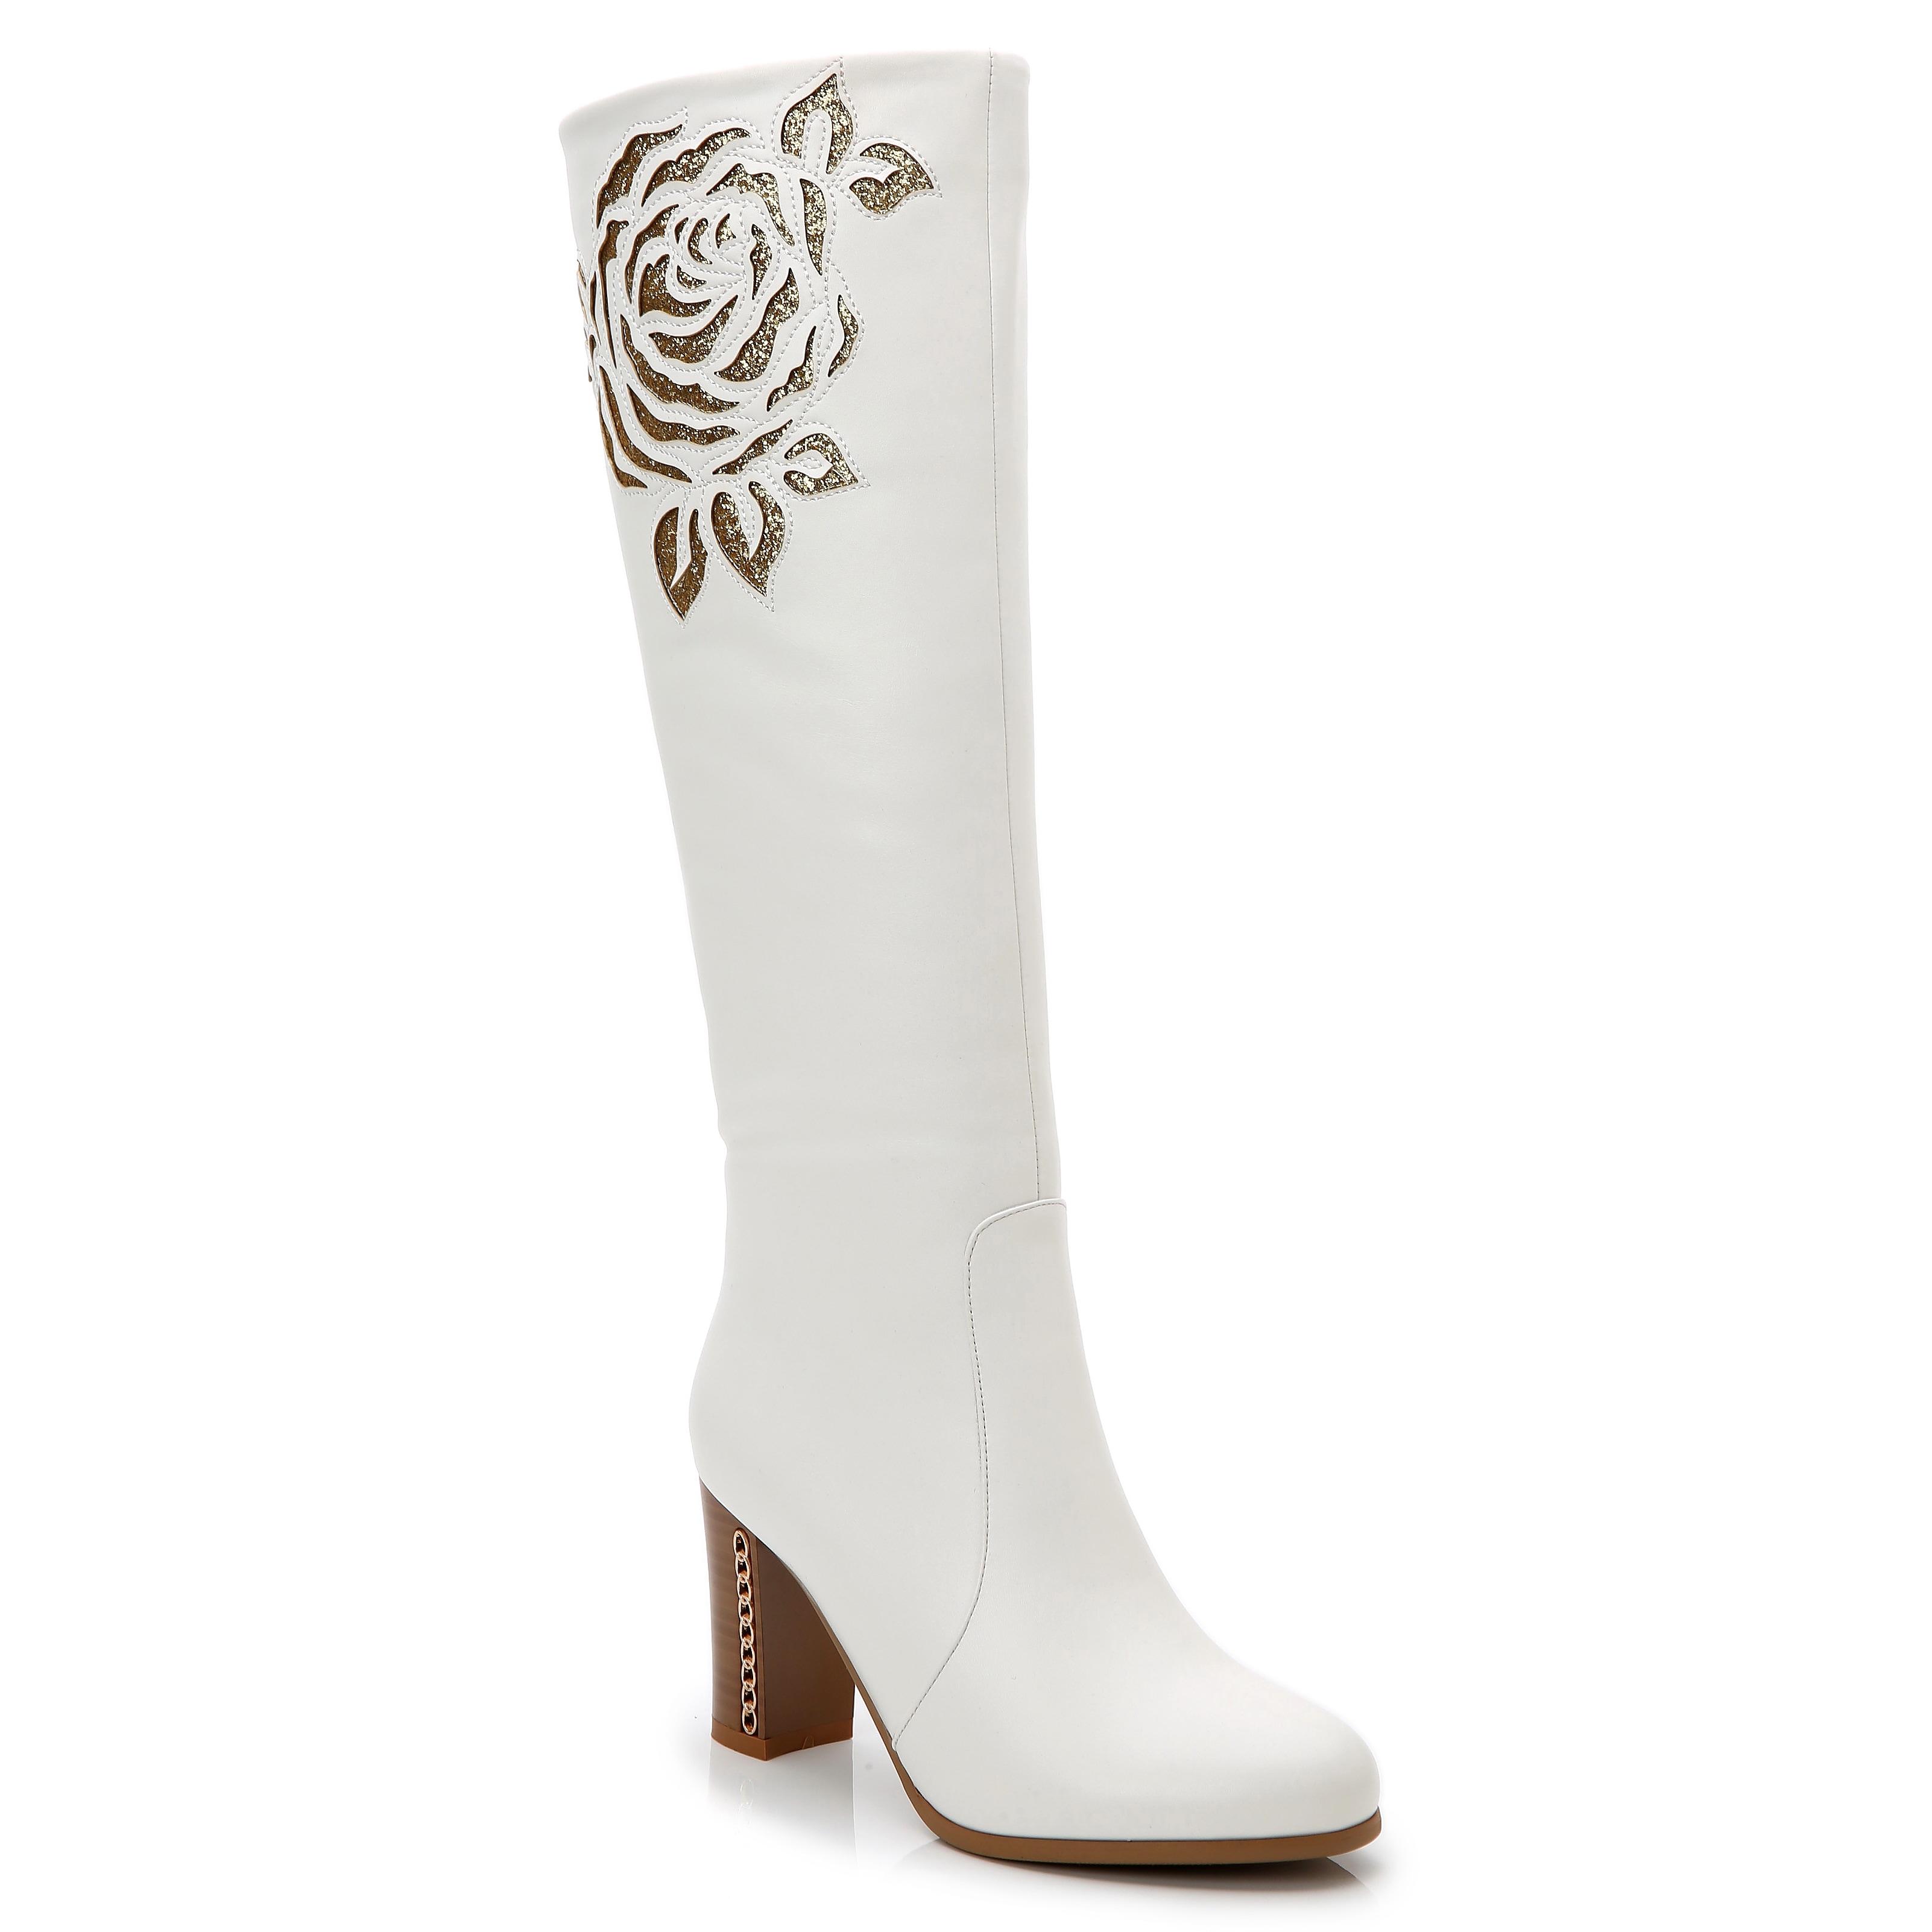 81f768e526292f Rosewand Women s  Bolsa  White Faux Leather Patterned Stitch Glittering  Boots